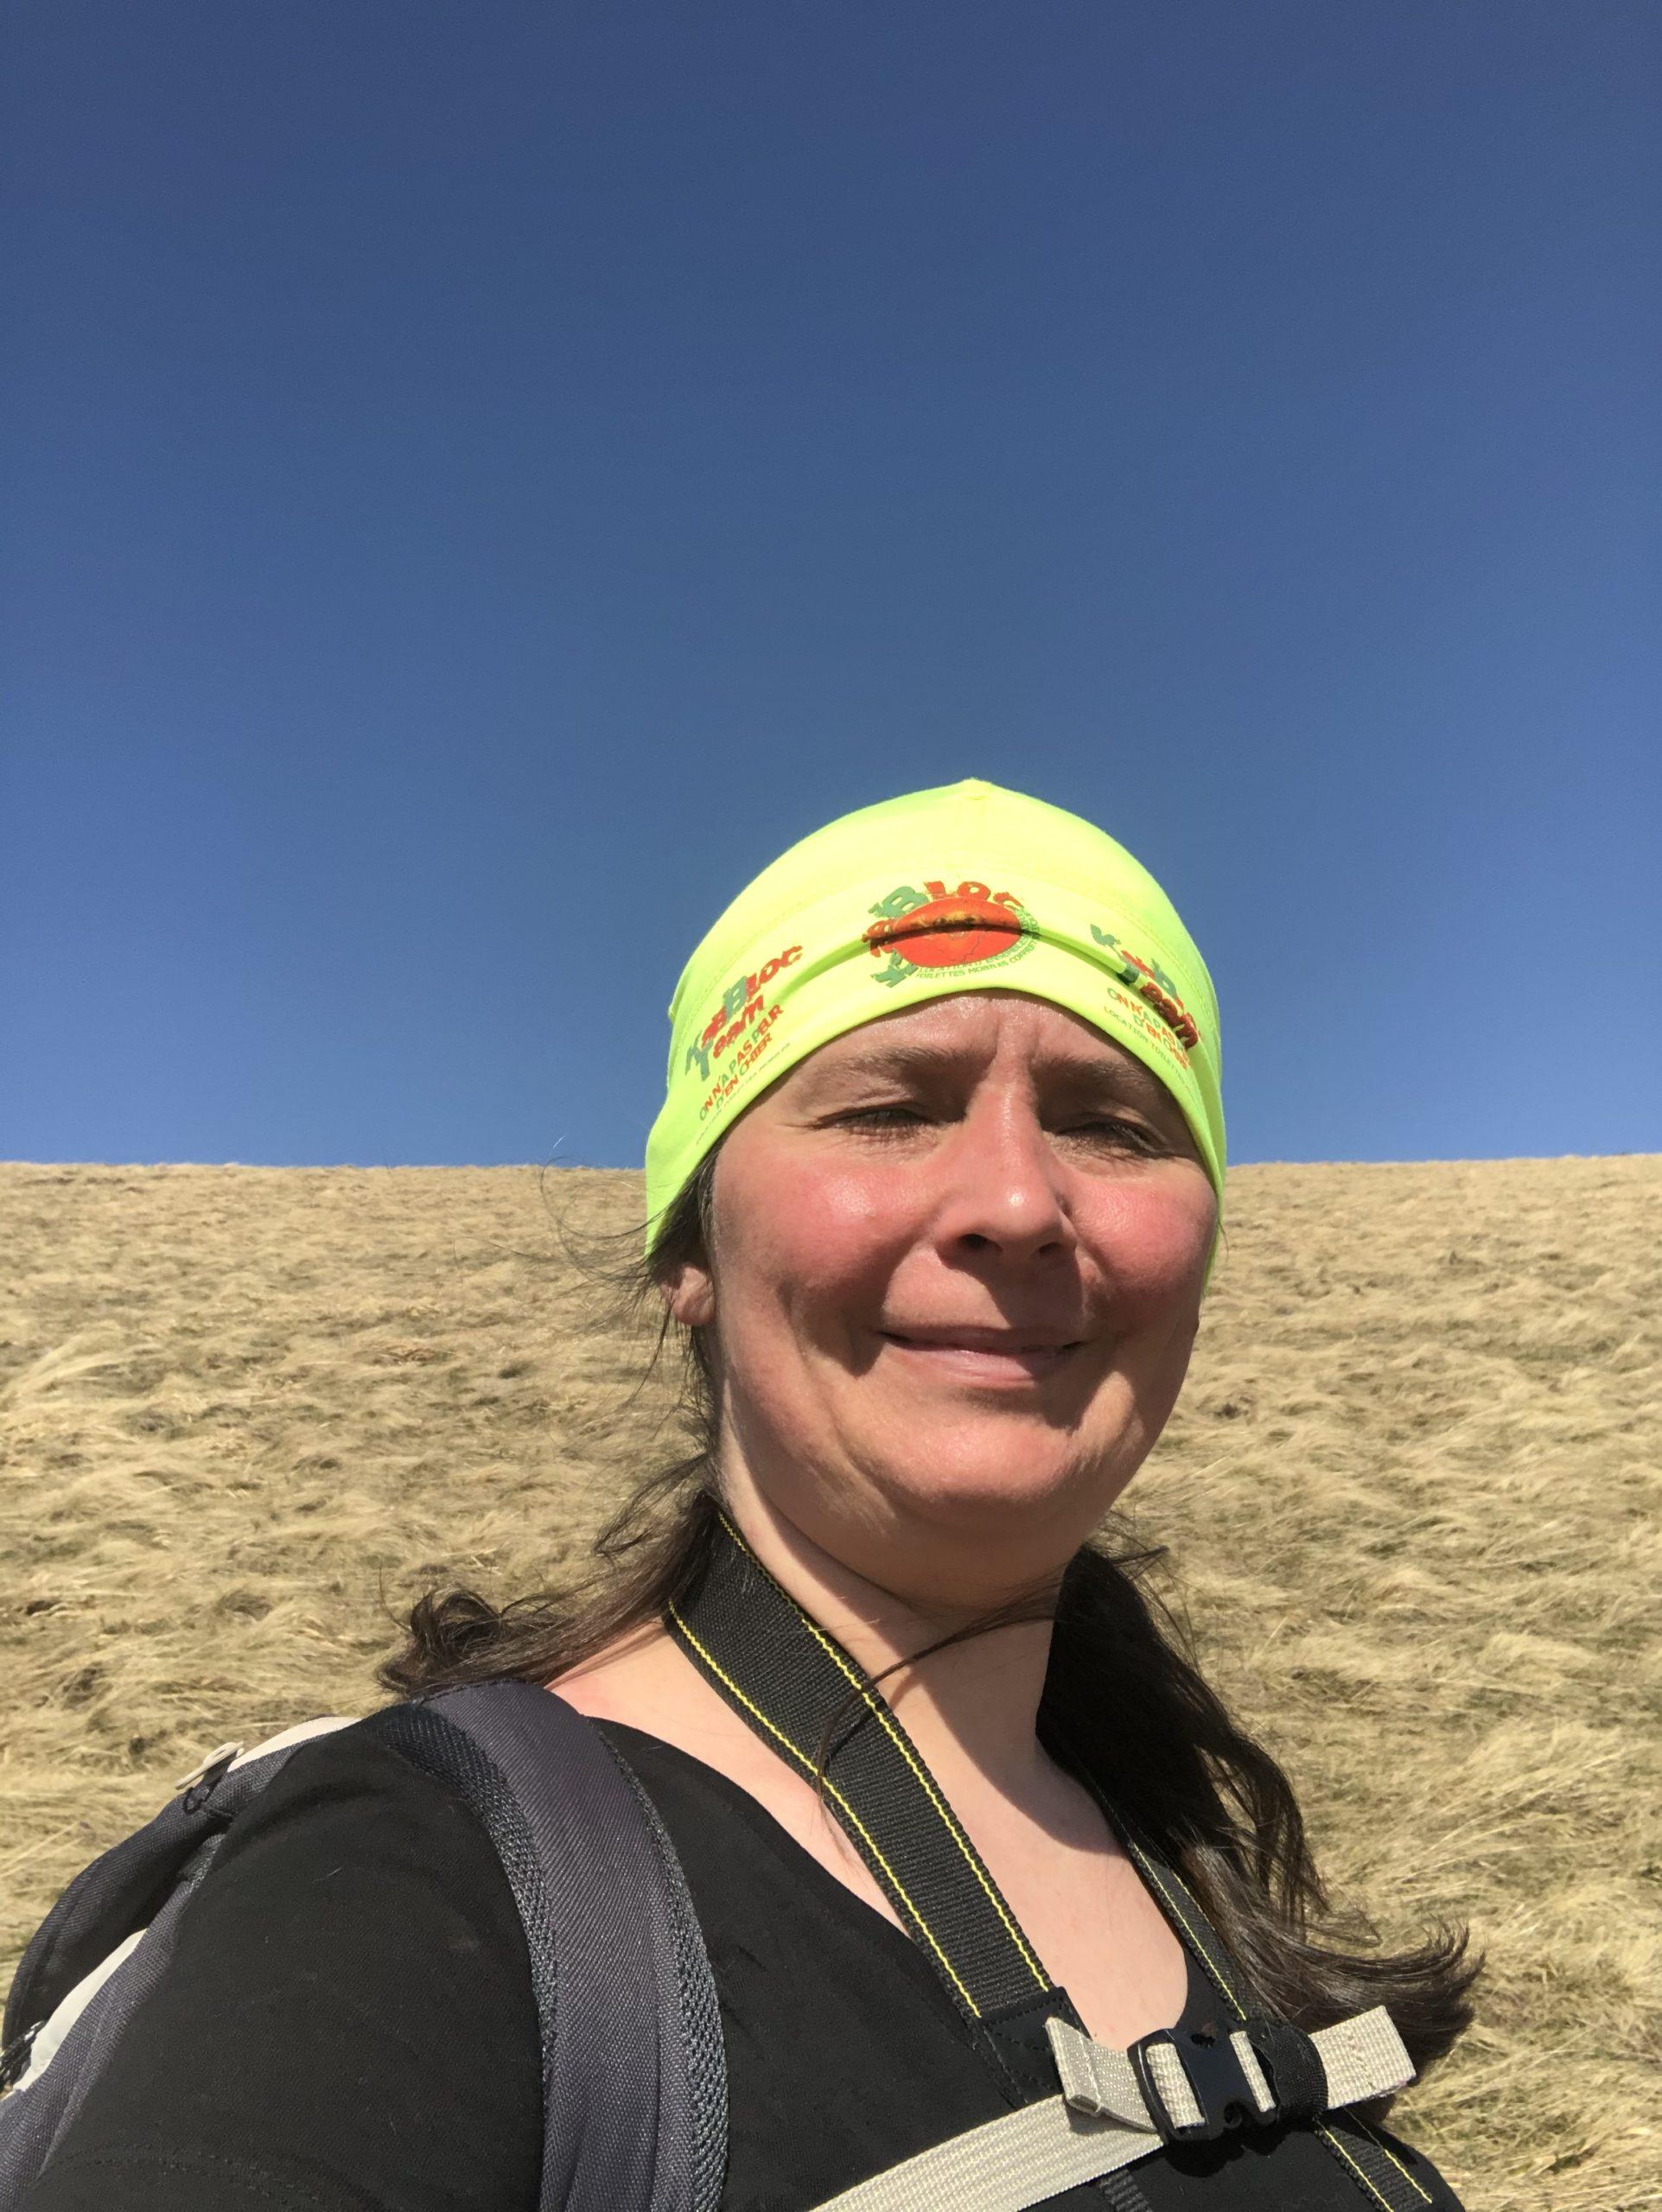 A défaut d'une casquette, j'ai retrouvé mon bonnet Kabbloc pour me protéger du soleil au Petit Ballon !